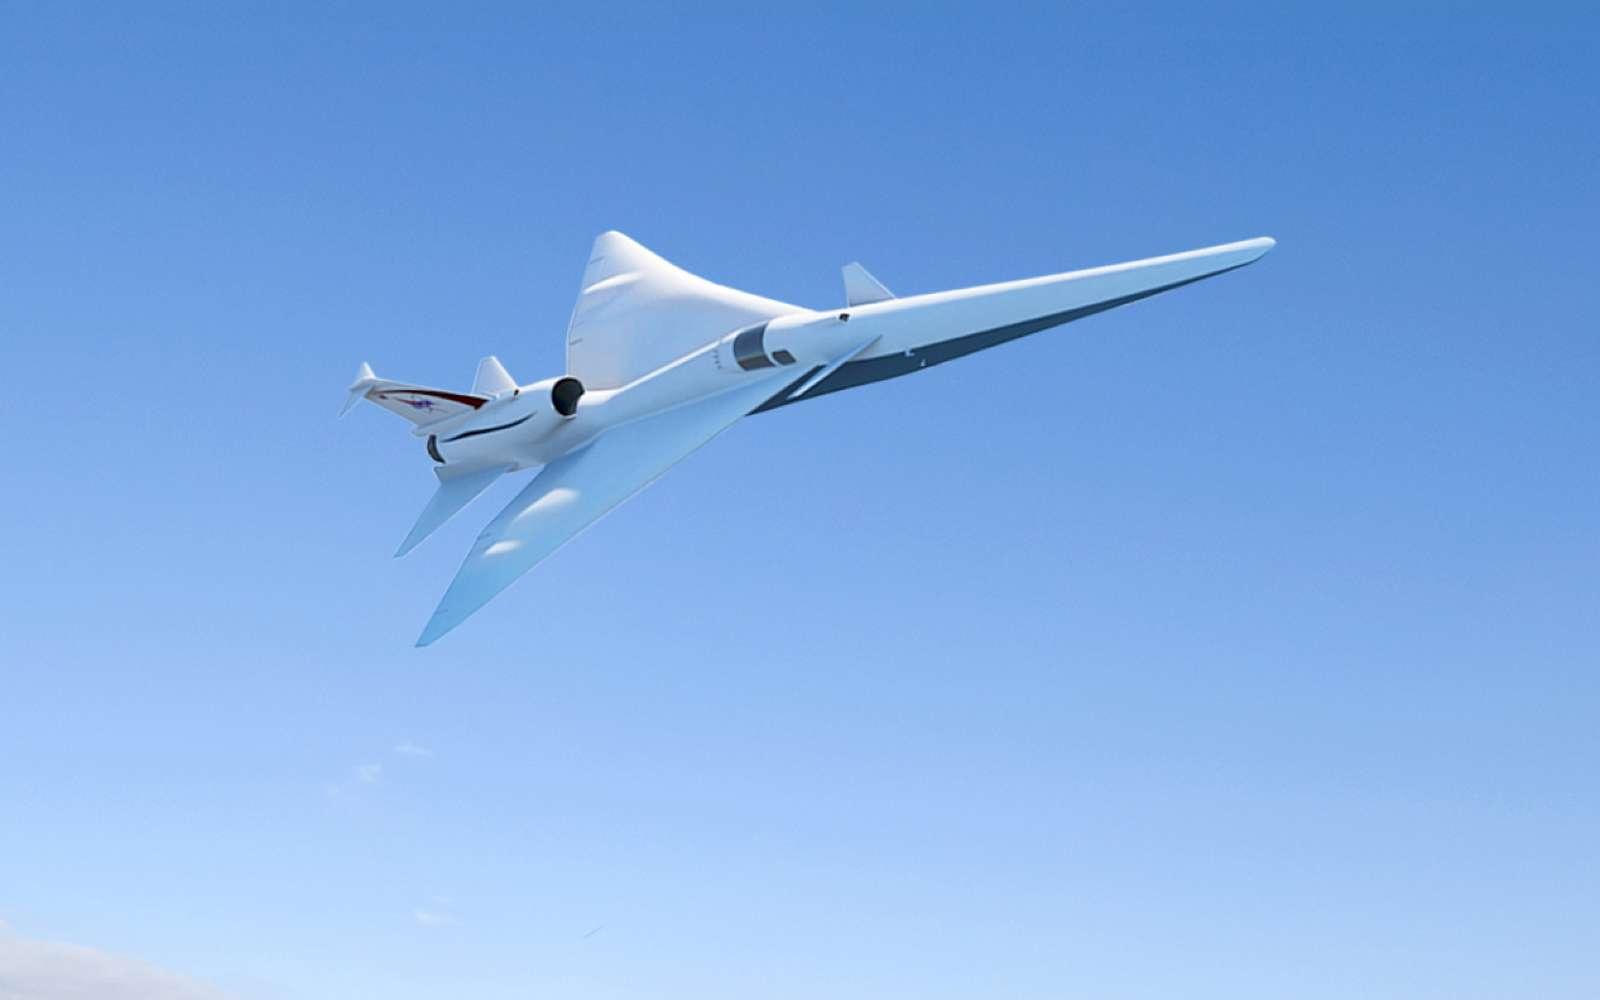 Pour vérifier le niveau sonore du futur X-59 supersonique, la Nasa a mis au point un champ de micros d'une longueur de près de 50 kilomètres. Ils sont capables de récolter suffisamment d'échantillons sonores dans différentes configurations pour optimiser le fuselage de l'aéronef. © Nasa